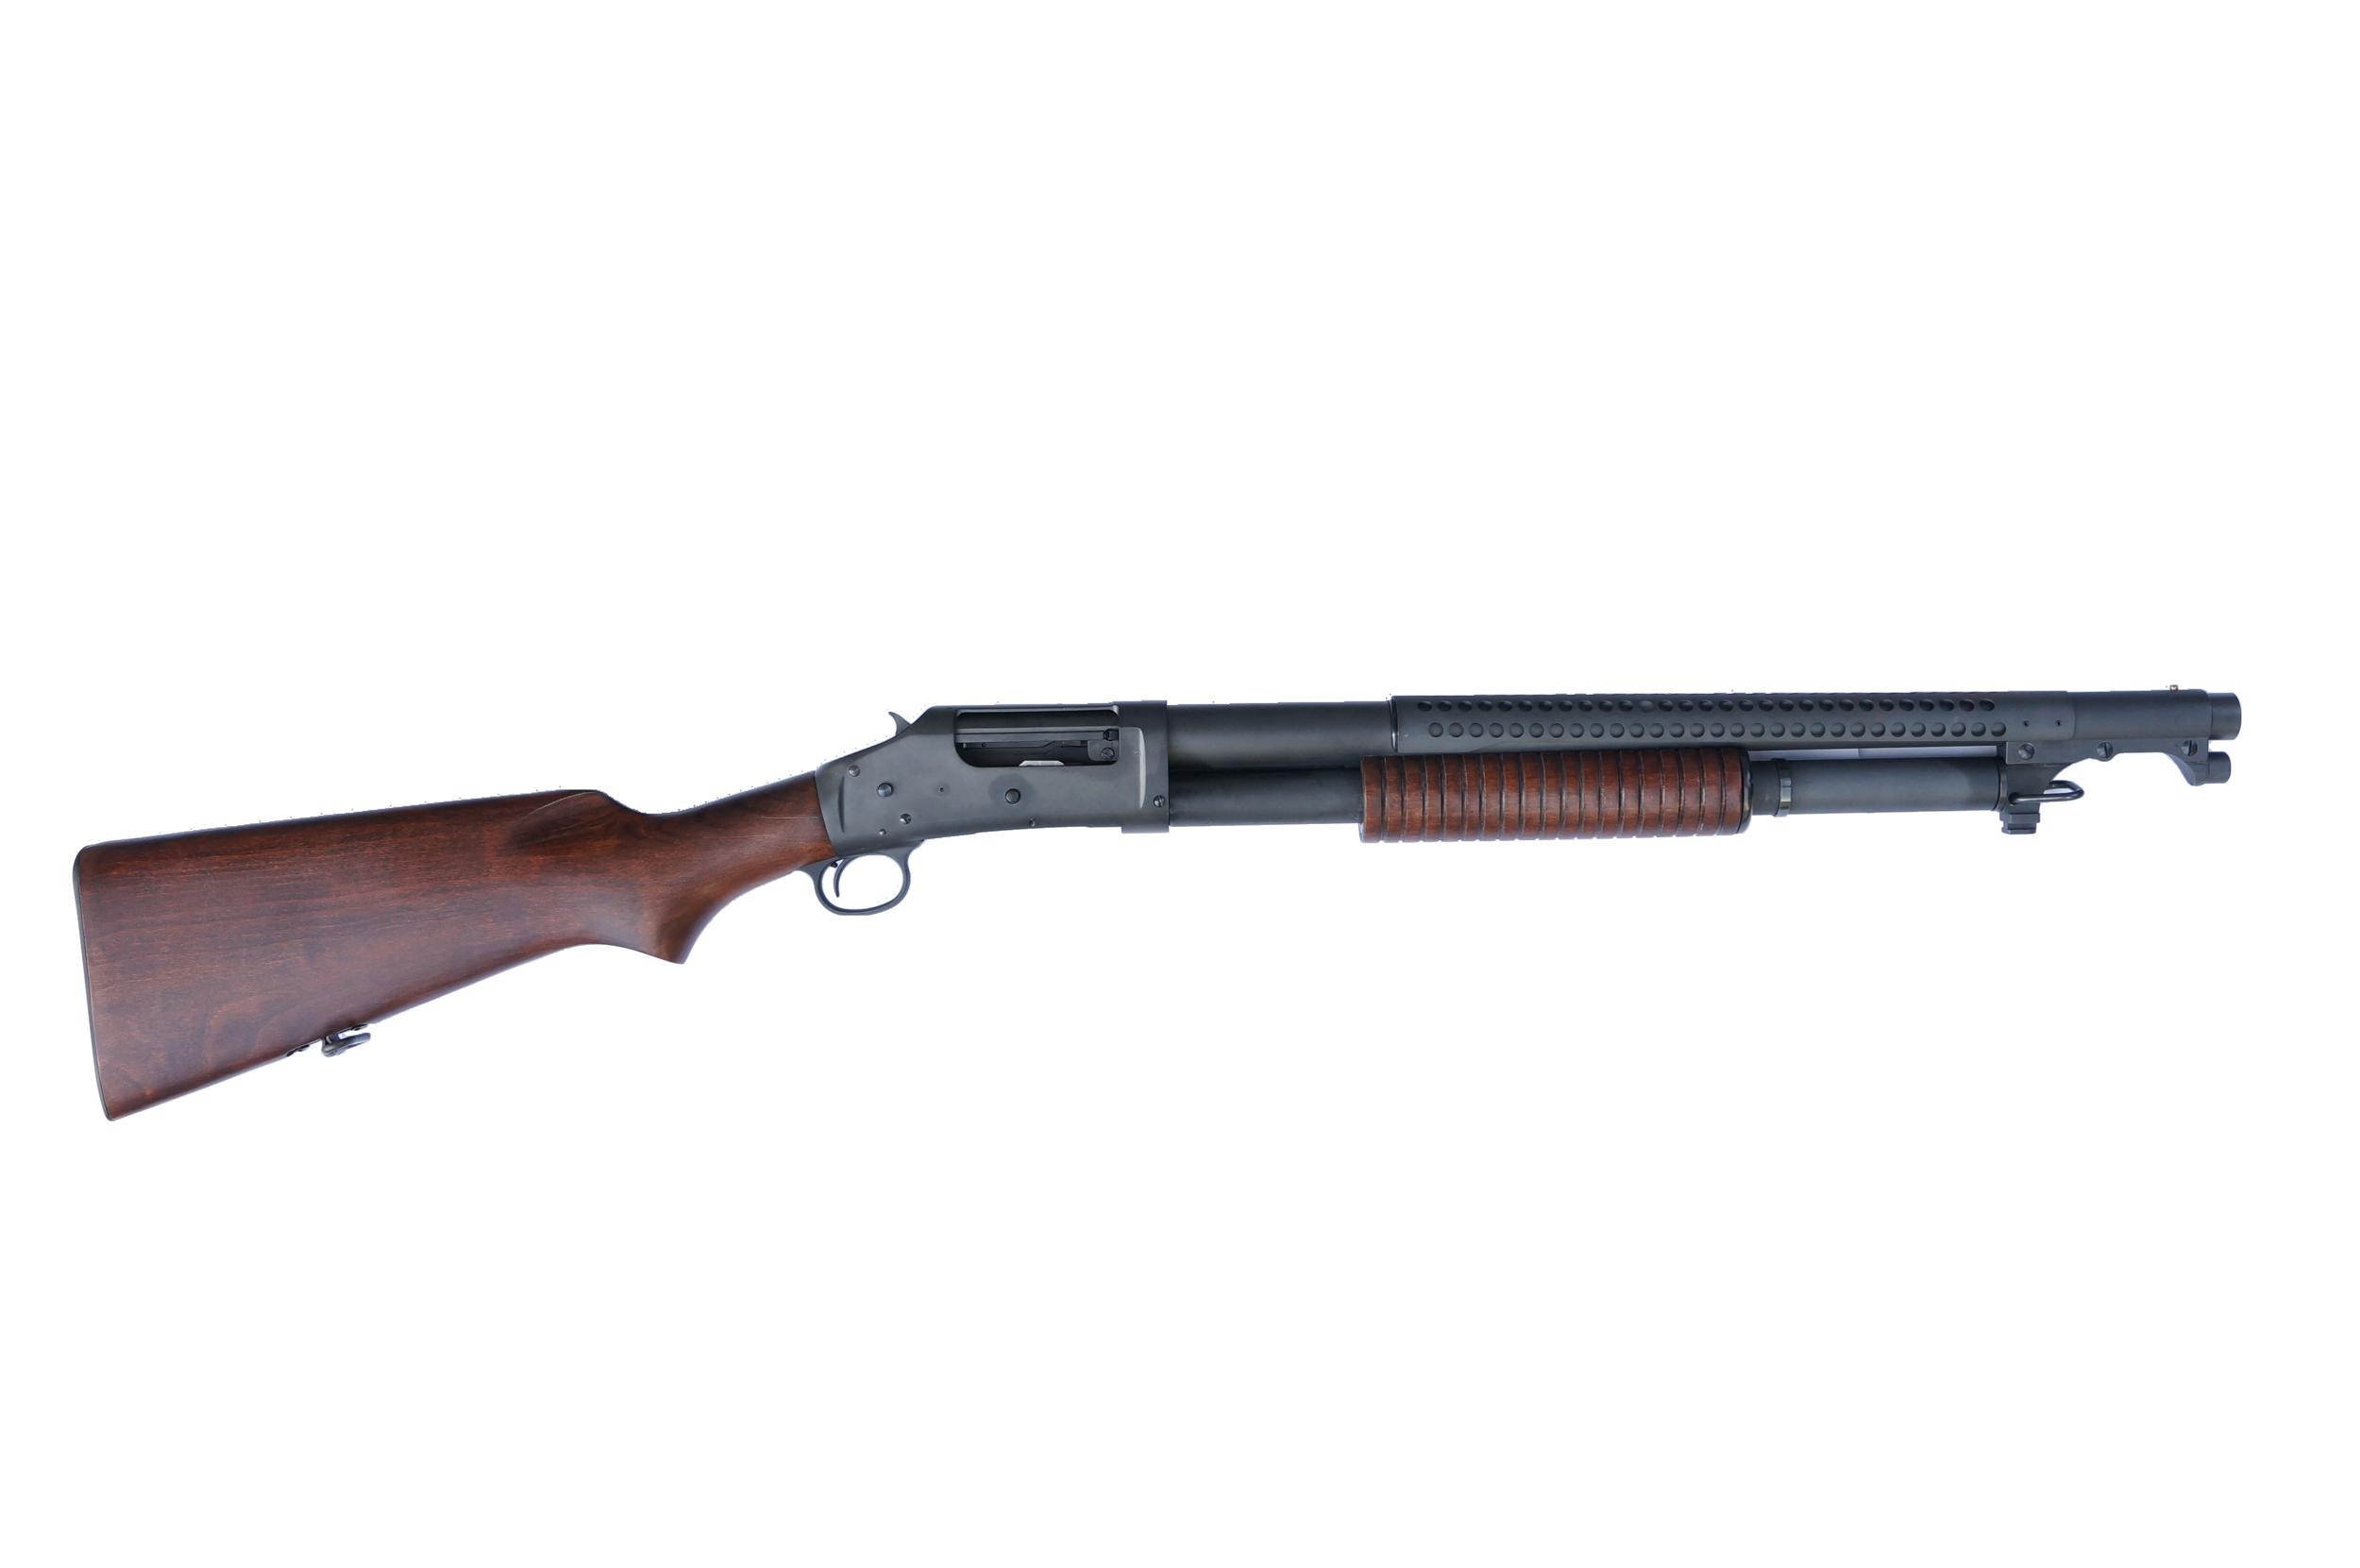 Model 1897 Trench Gun